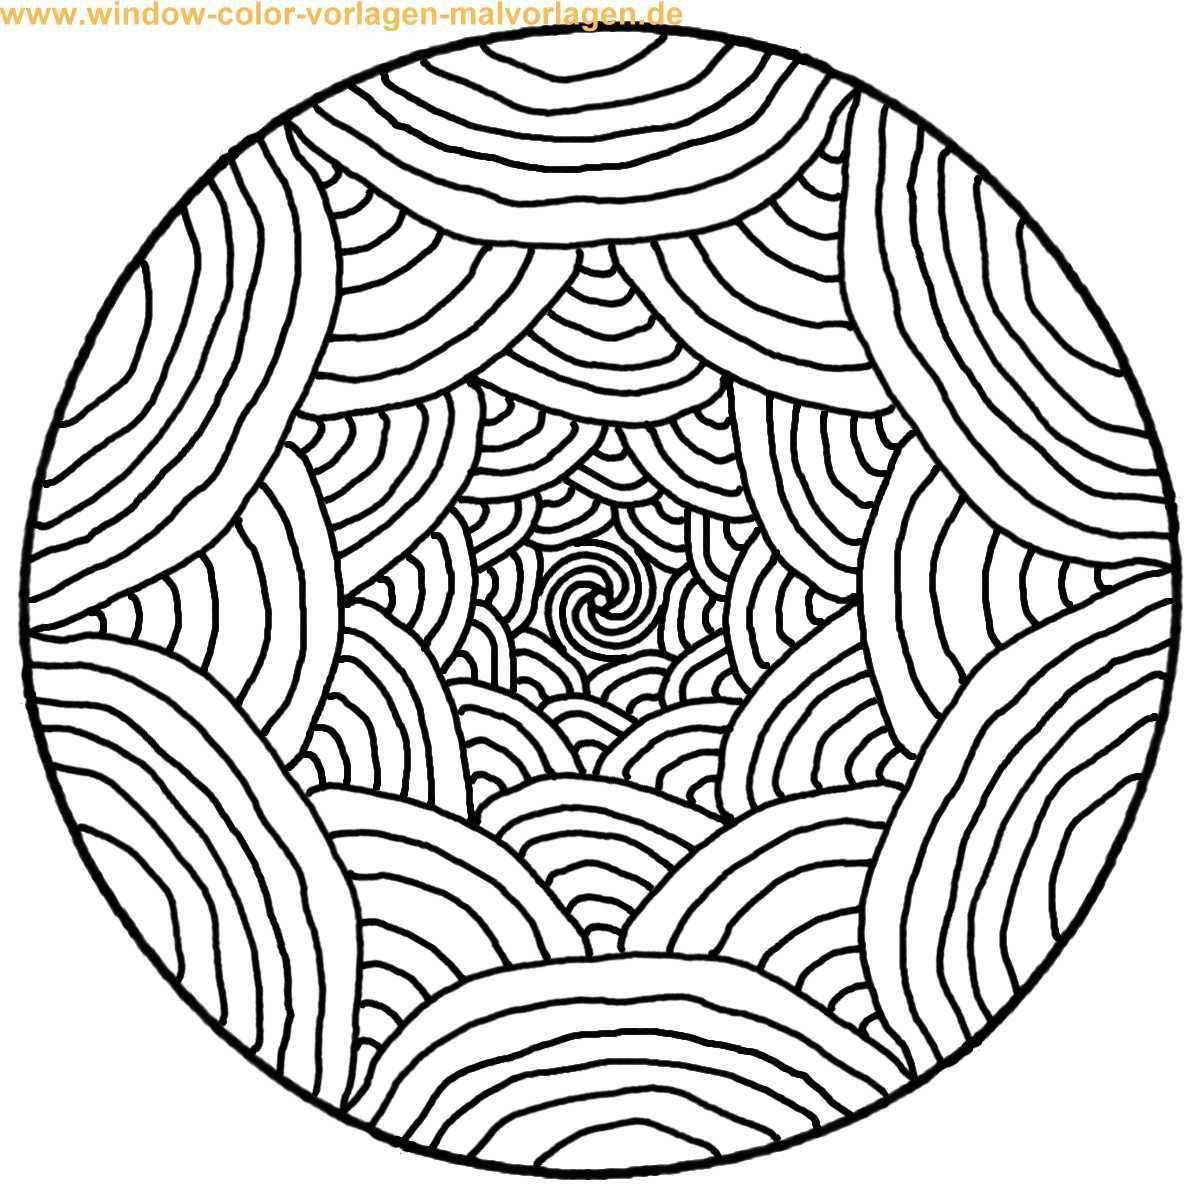 Mandalas To Print And Color Malvorlage Ausmalbild Mandala Zum Ausdrucken Und Zum Ausmalen Mandala Zum Ausdrucken Mandala Ausmalen